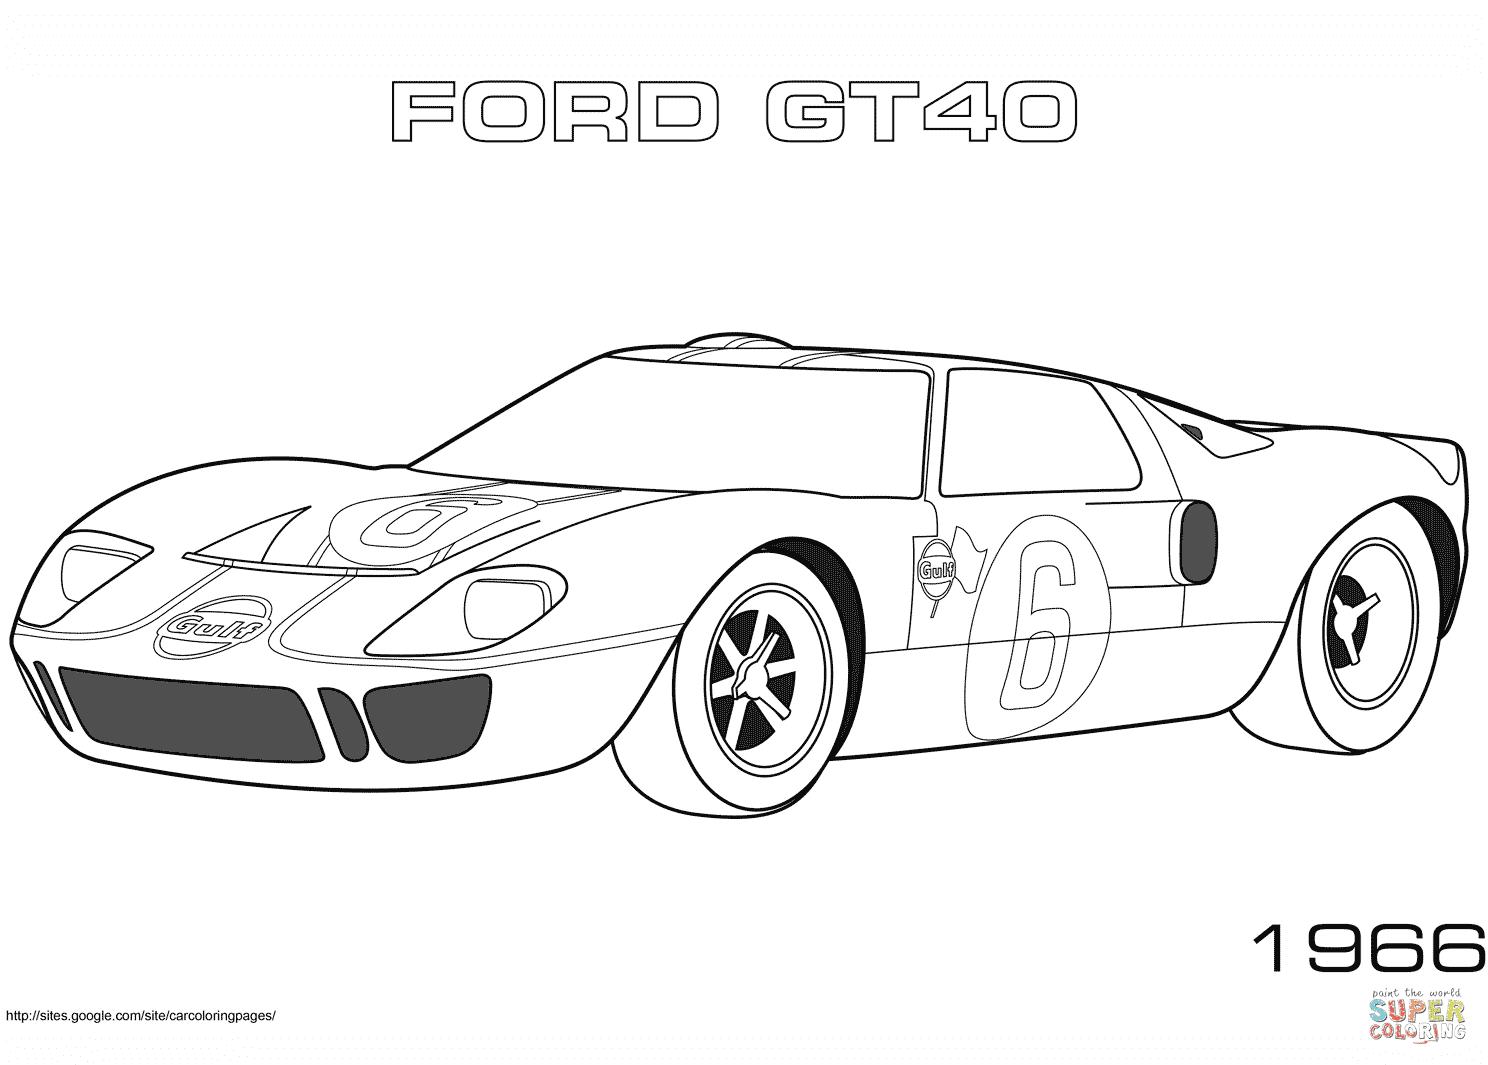 er sur la 1966 Ford GT40 coloriages